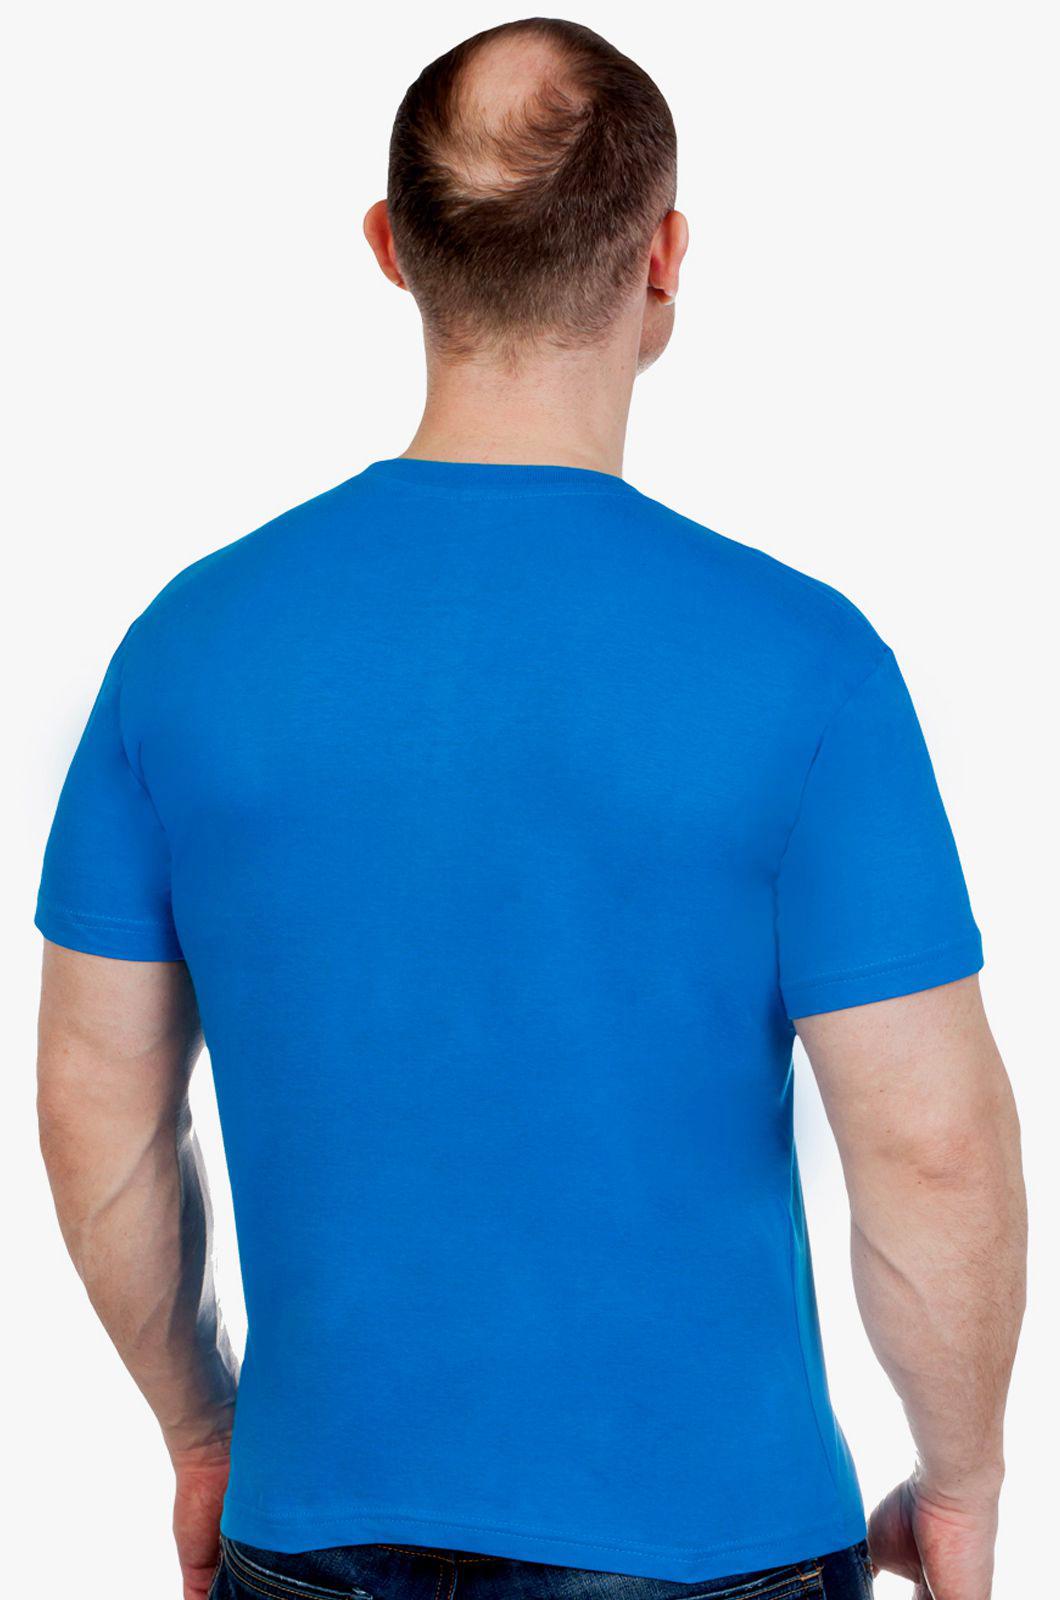 Оригинальная хлопковая футболка ФЛОТ РОССИИ - купить онлайн